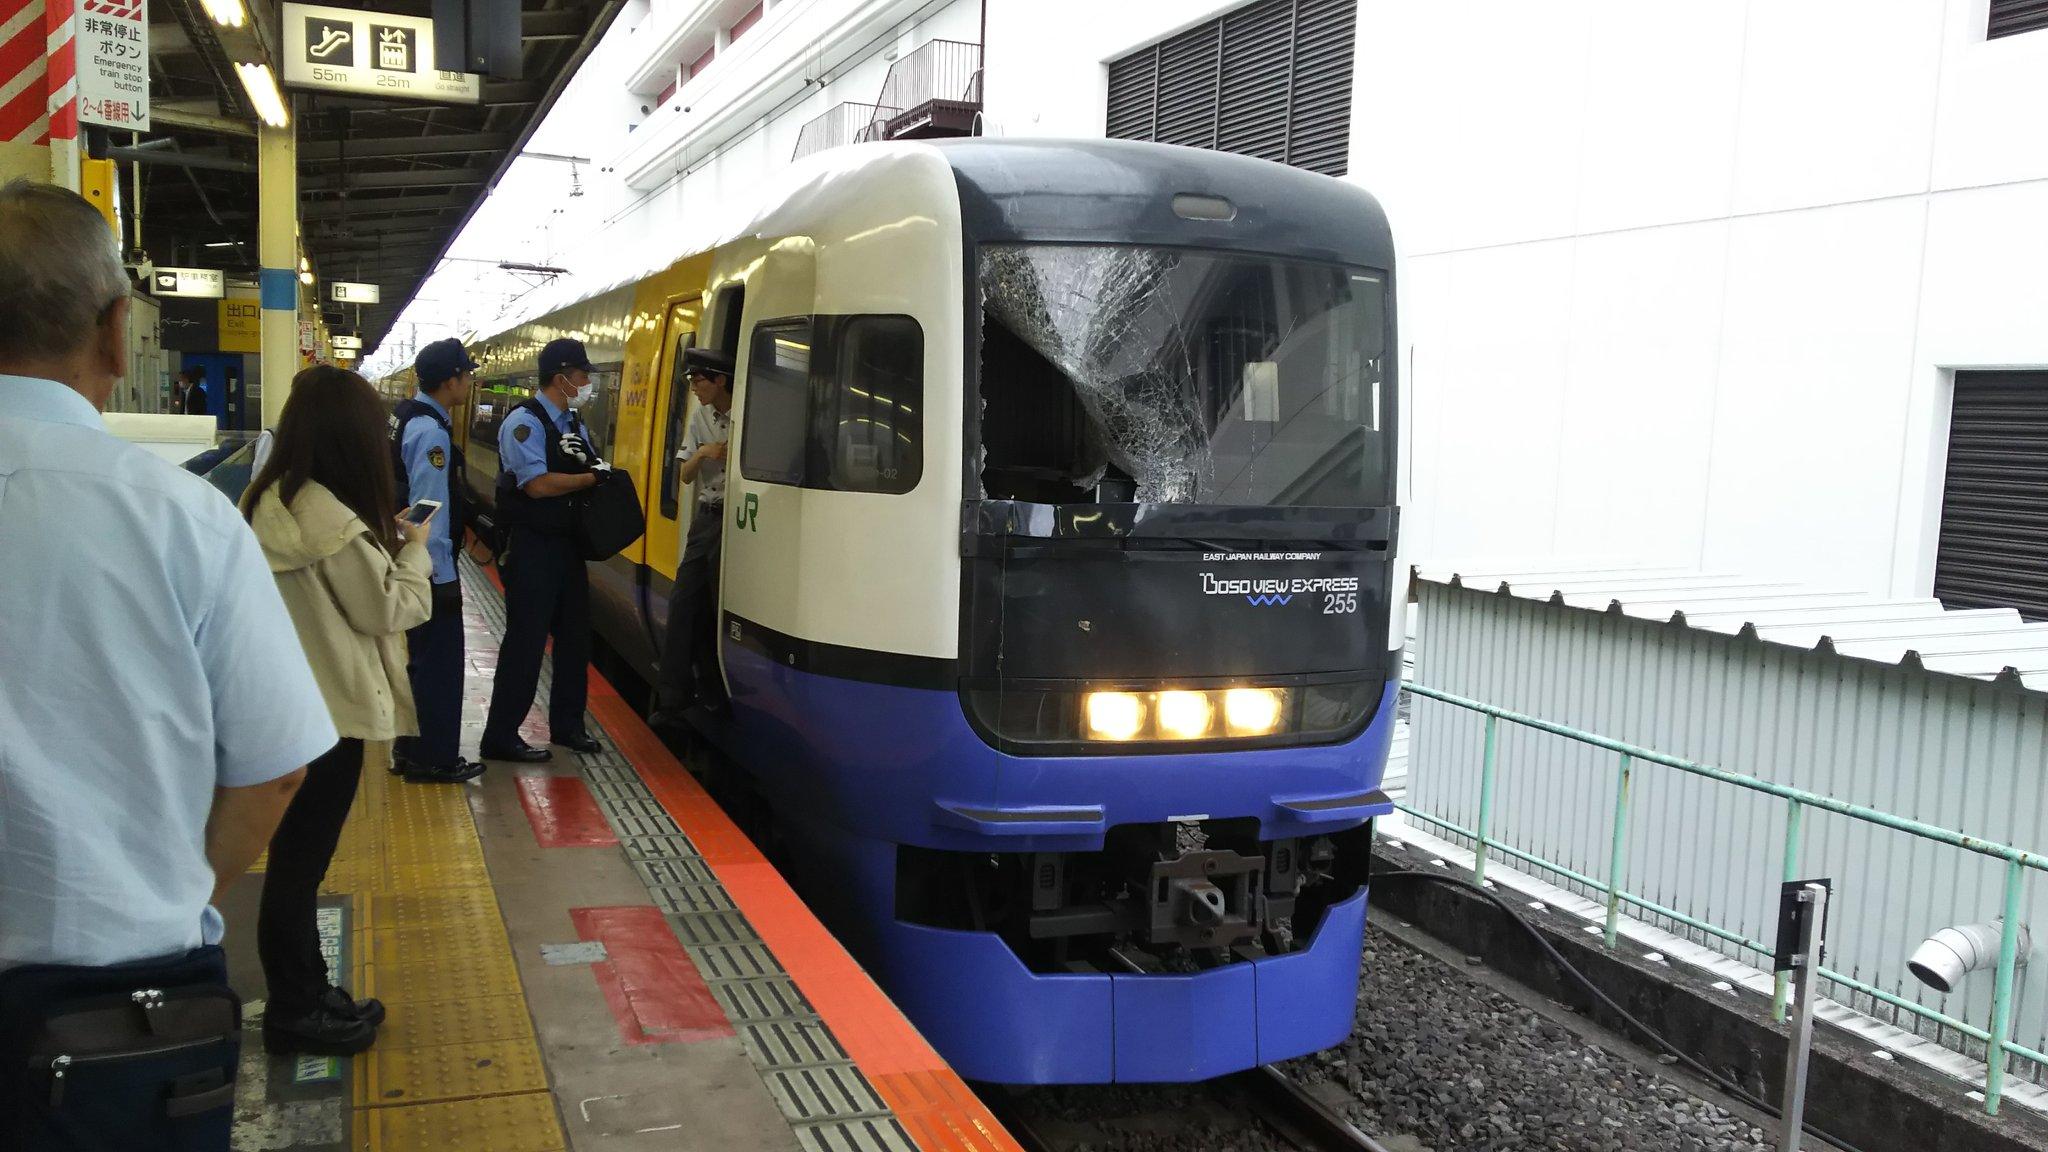 総武線快速の船橋駅の人身事故でフロントガラスが割れている現場の画像